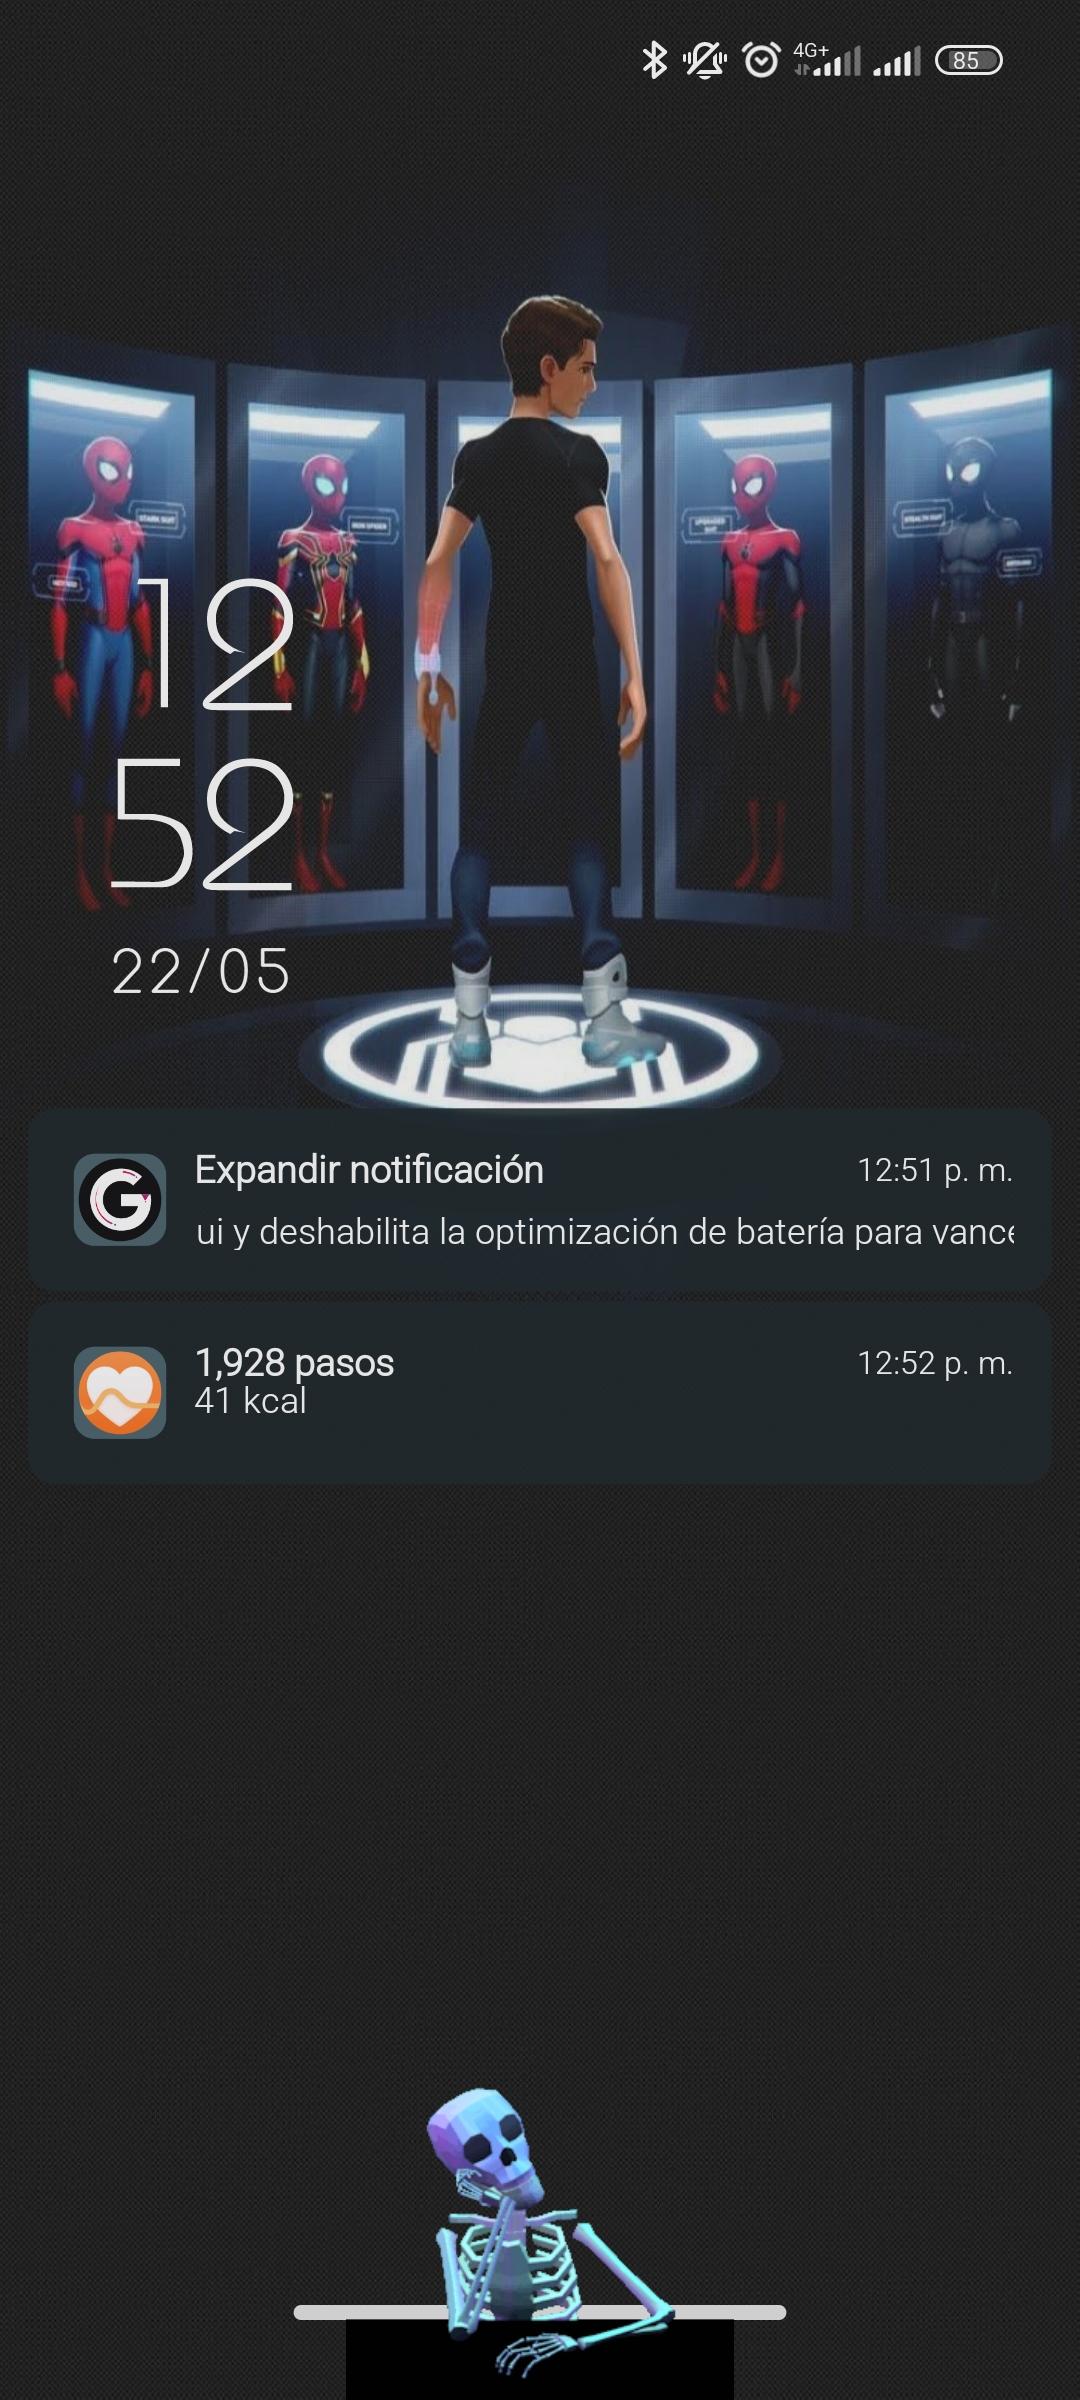 Screenshot_2021-05-22-12-52-45-383_lockscreen.jpg